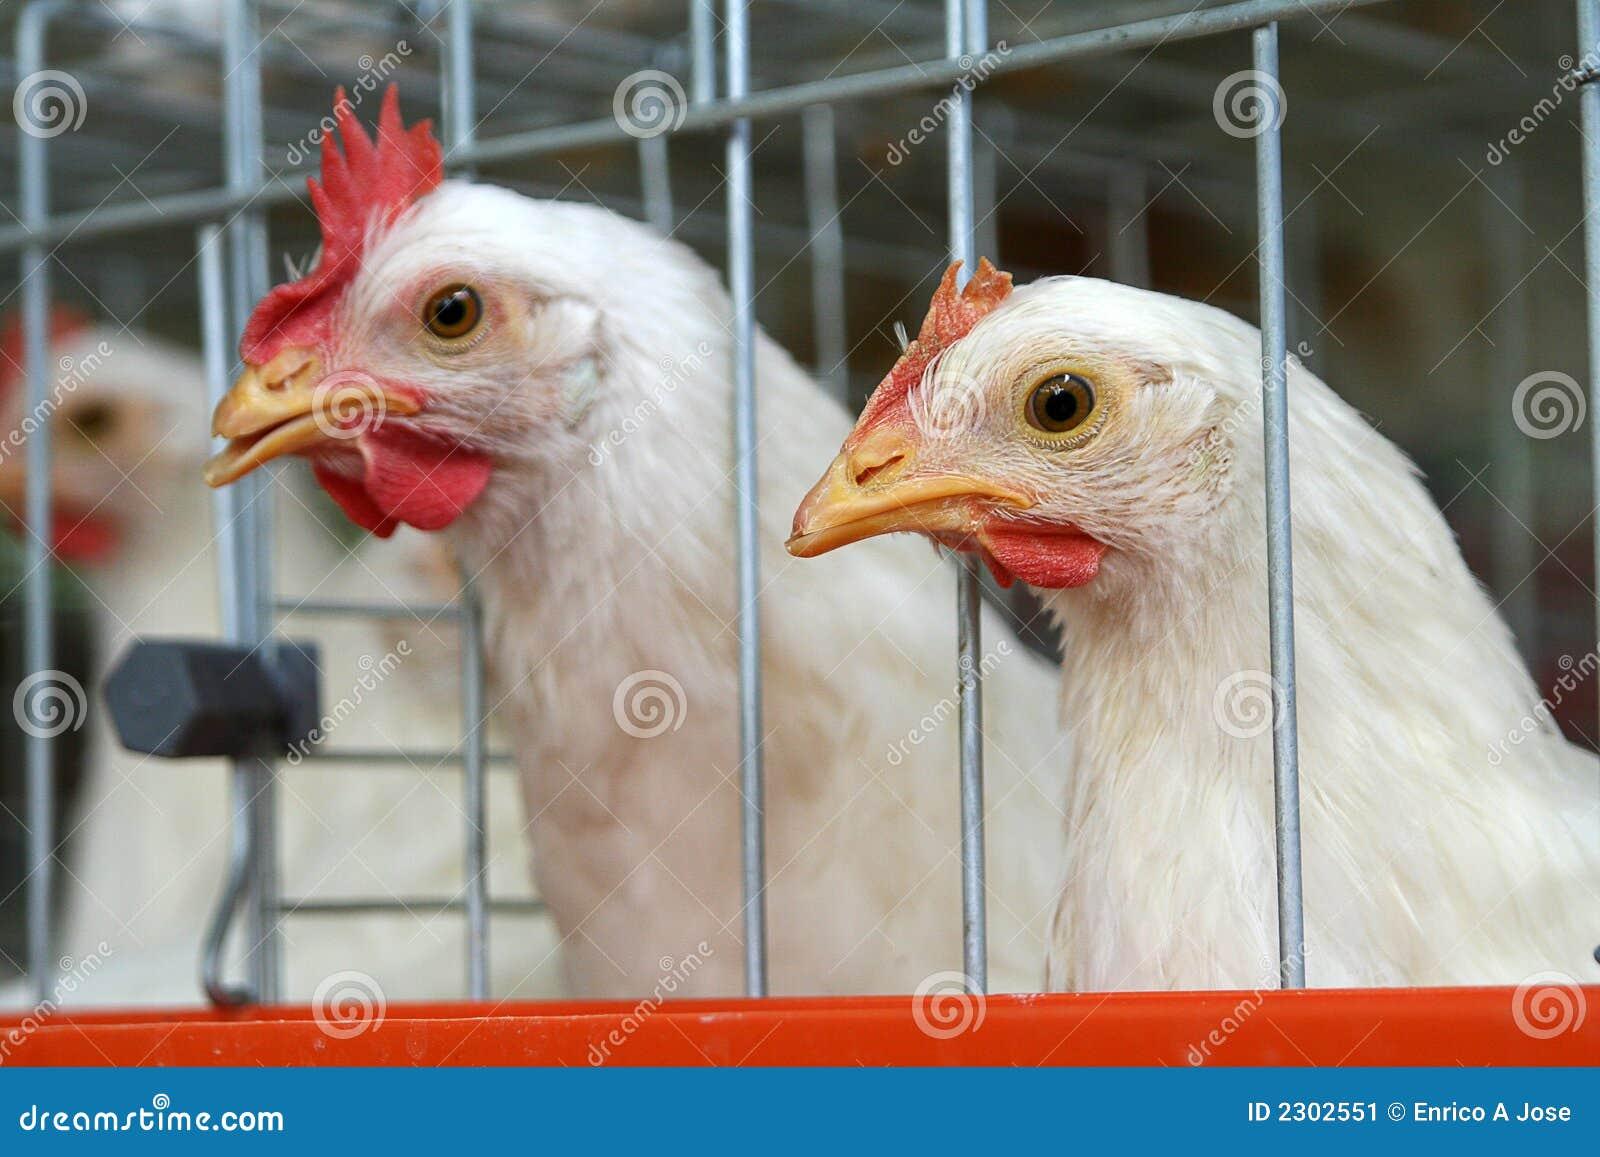 Pássaros prendidos